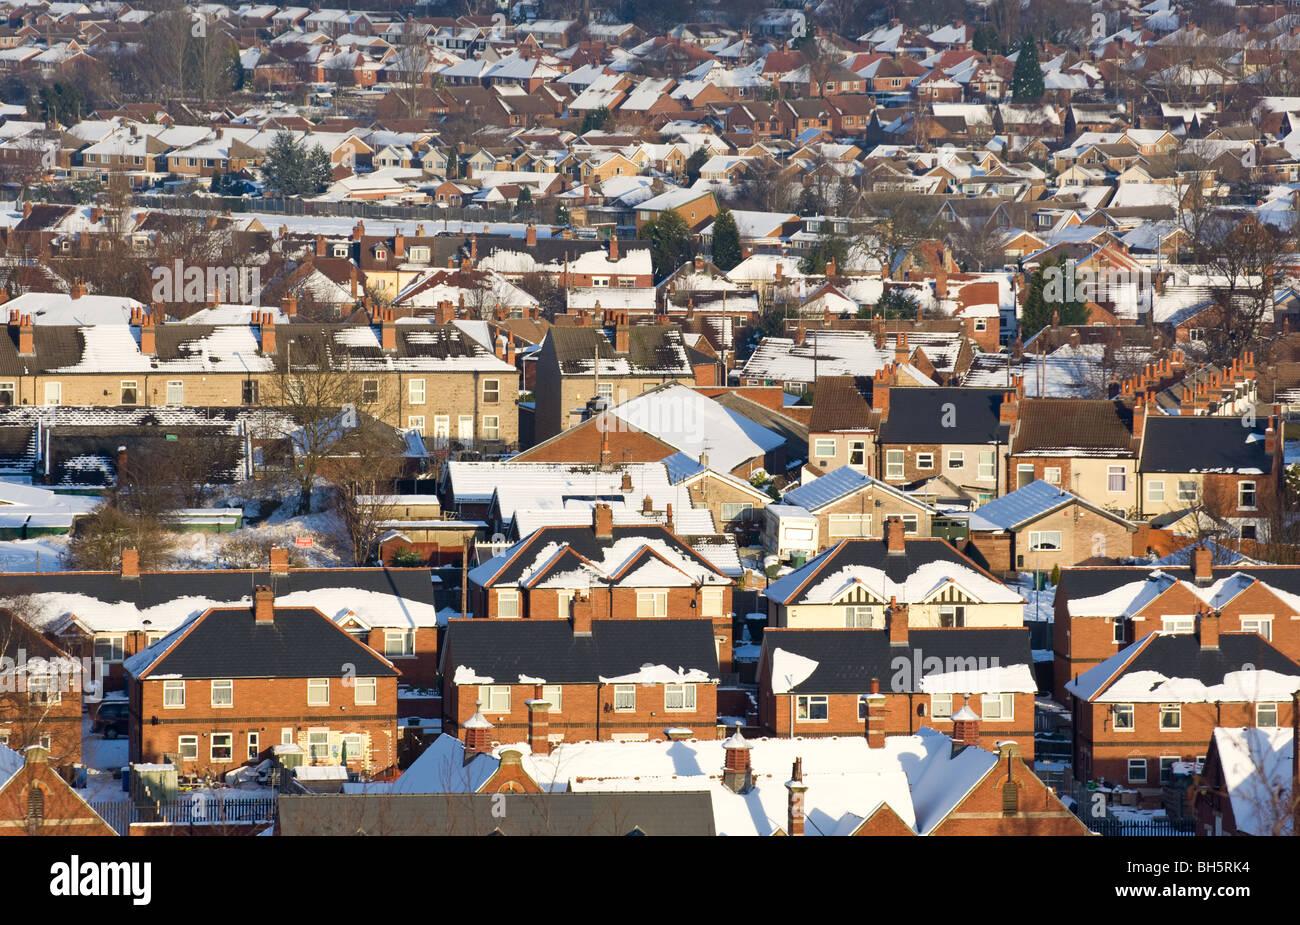 Gehäuse mit schlechte Dachdämmung. Wärmeverlust bald schmelzen die Schneeschicht. Stockbild